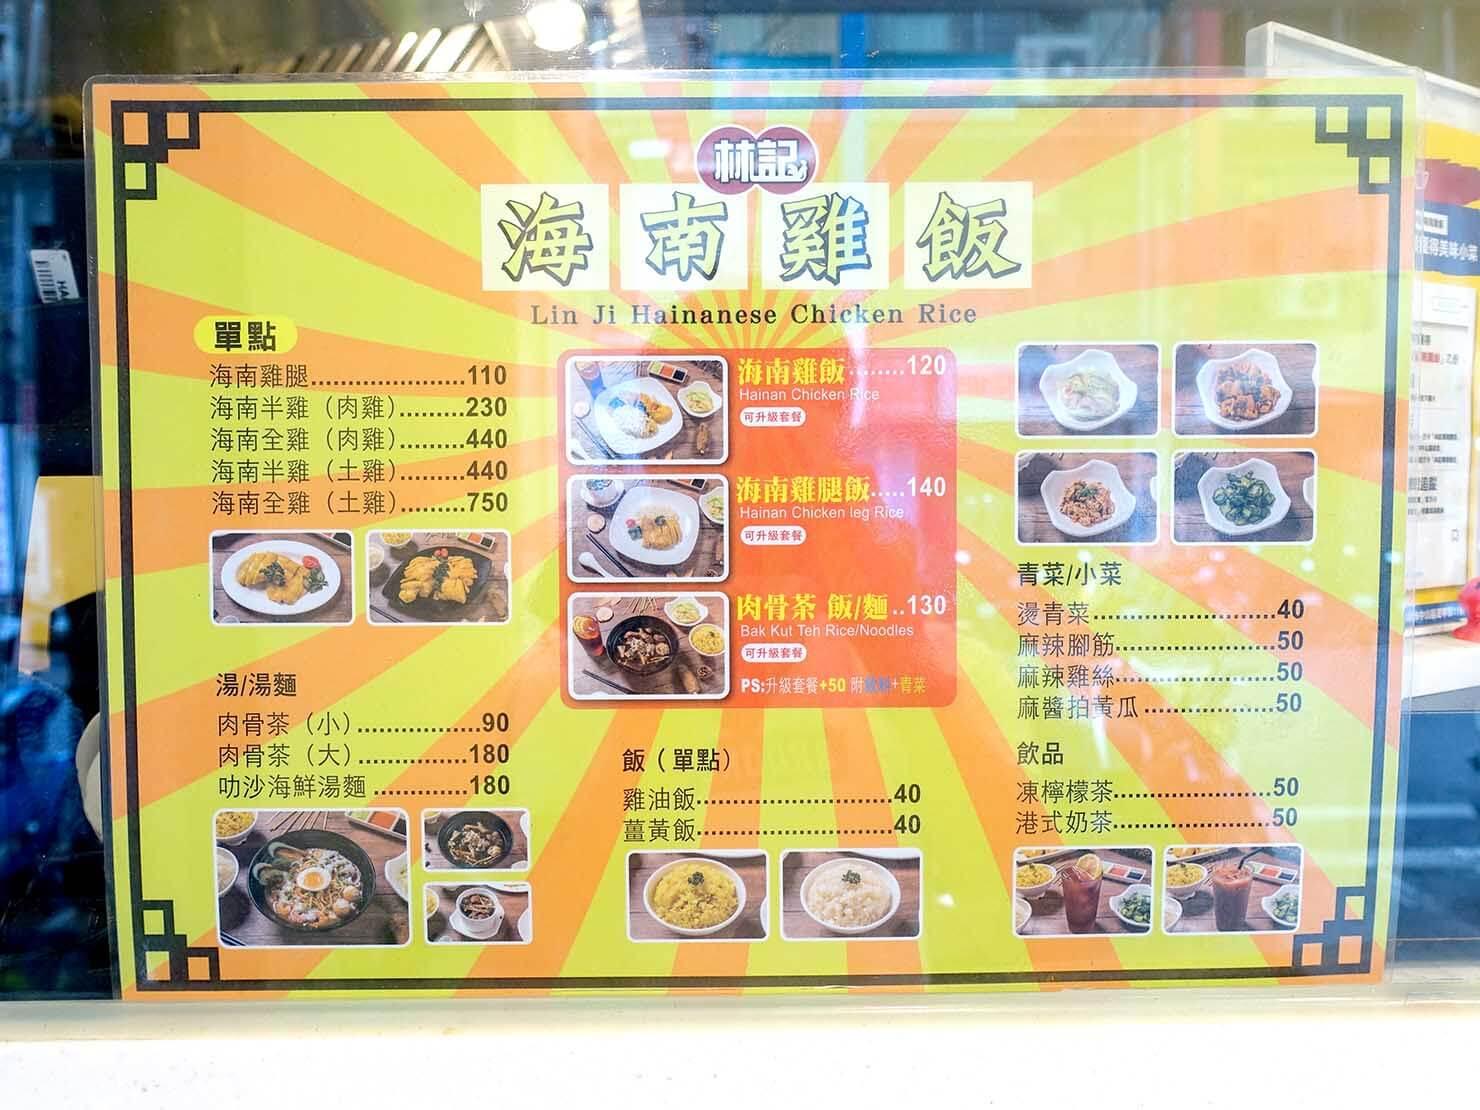 台北・遼寧街夜市のおすすめグルメ店「林記海南雞飯」のメニュー